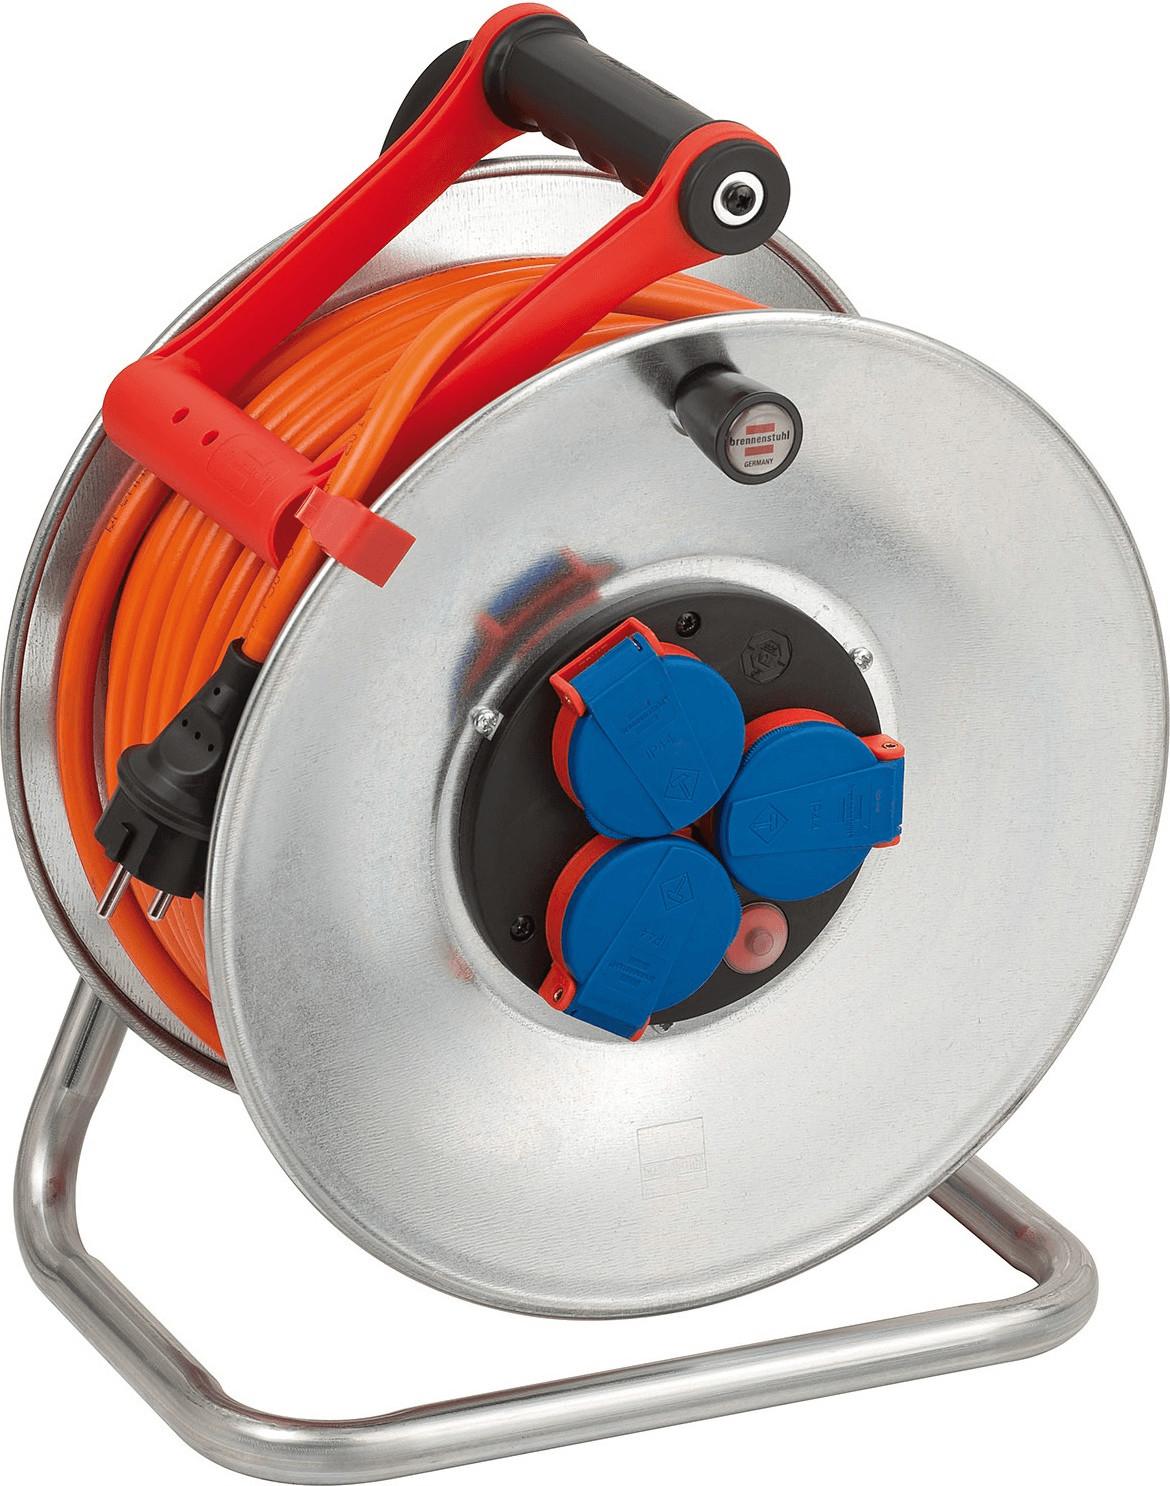 Brennenstuhl Kabeltrommel Garant S 290 40m IP 44 orange für 45,89€ [voelkner]